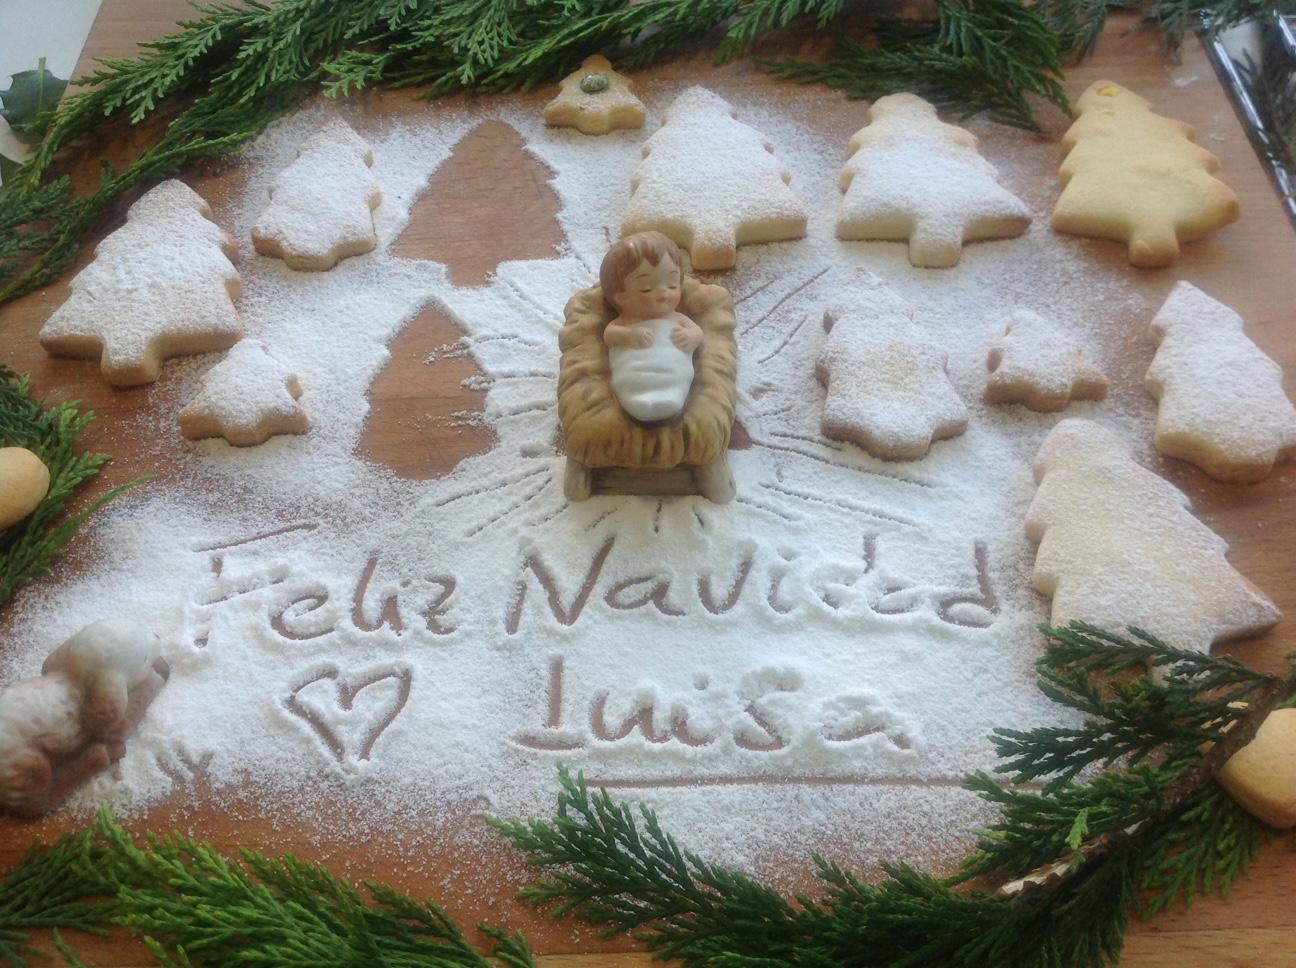 ¡¡¡¡¡ Feliz Navidad !!!!! Pastas de mantequilla